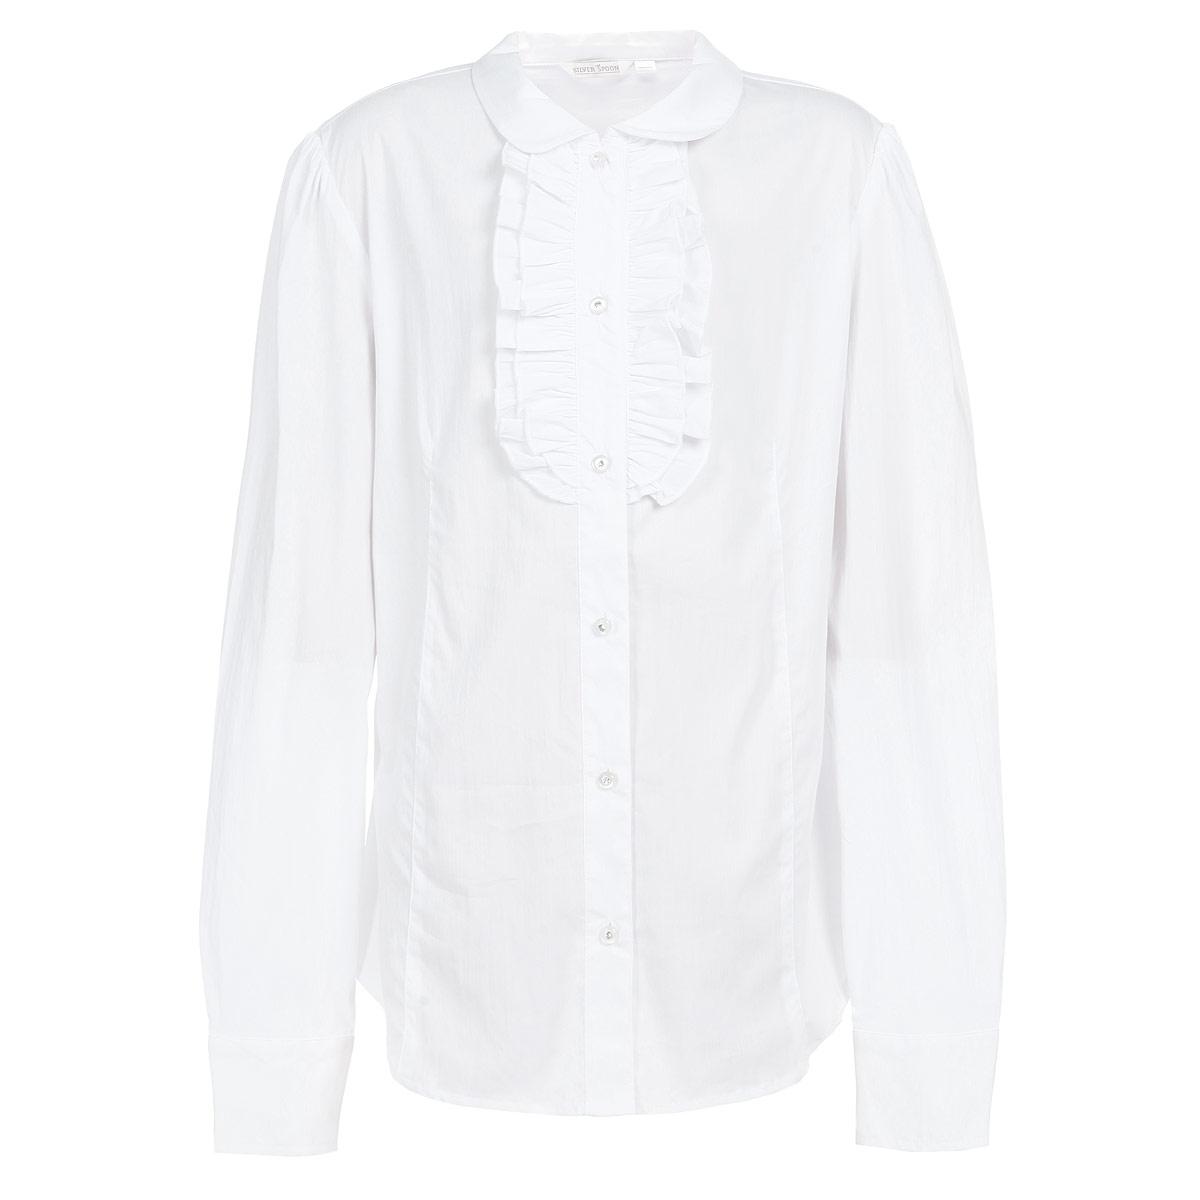 Блузка для девочки. SS-B-G-1403SS-B-G-1403-044Элегантная блузка для девочки Silver Spoon идеально подойдет для школьной формы. Изготовленная из высококачественного материала, она мягкая, легкая и приятная на ощупь, не сковывает движения и позволяет коже дышать, не раздражает даже самую нежную и чувствительную кожу ребенка, обеспечивая наибольший комфорт. Блузка прямого кроя с длинными рукавами, полукруглым низом и отложным воротничком застегивается по всей длине на оригинальные пуговицы со стразами. Длинные рукава дополнены широкими манжетами на пуговицах. На груди планка оформлена нежными рюшами. Такая блузка - незаменимая вещь для школьной формы, отлично сочетается с юбками, брюками и сарафанами. Эта модель всегда выглядит великолепно!